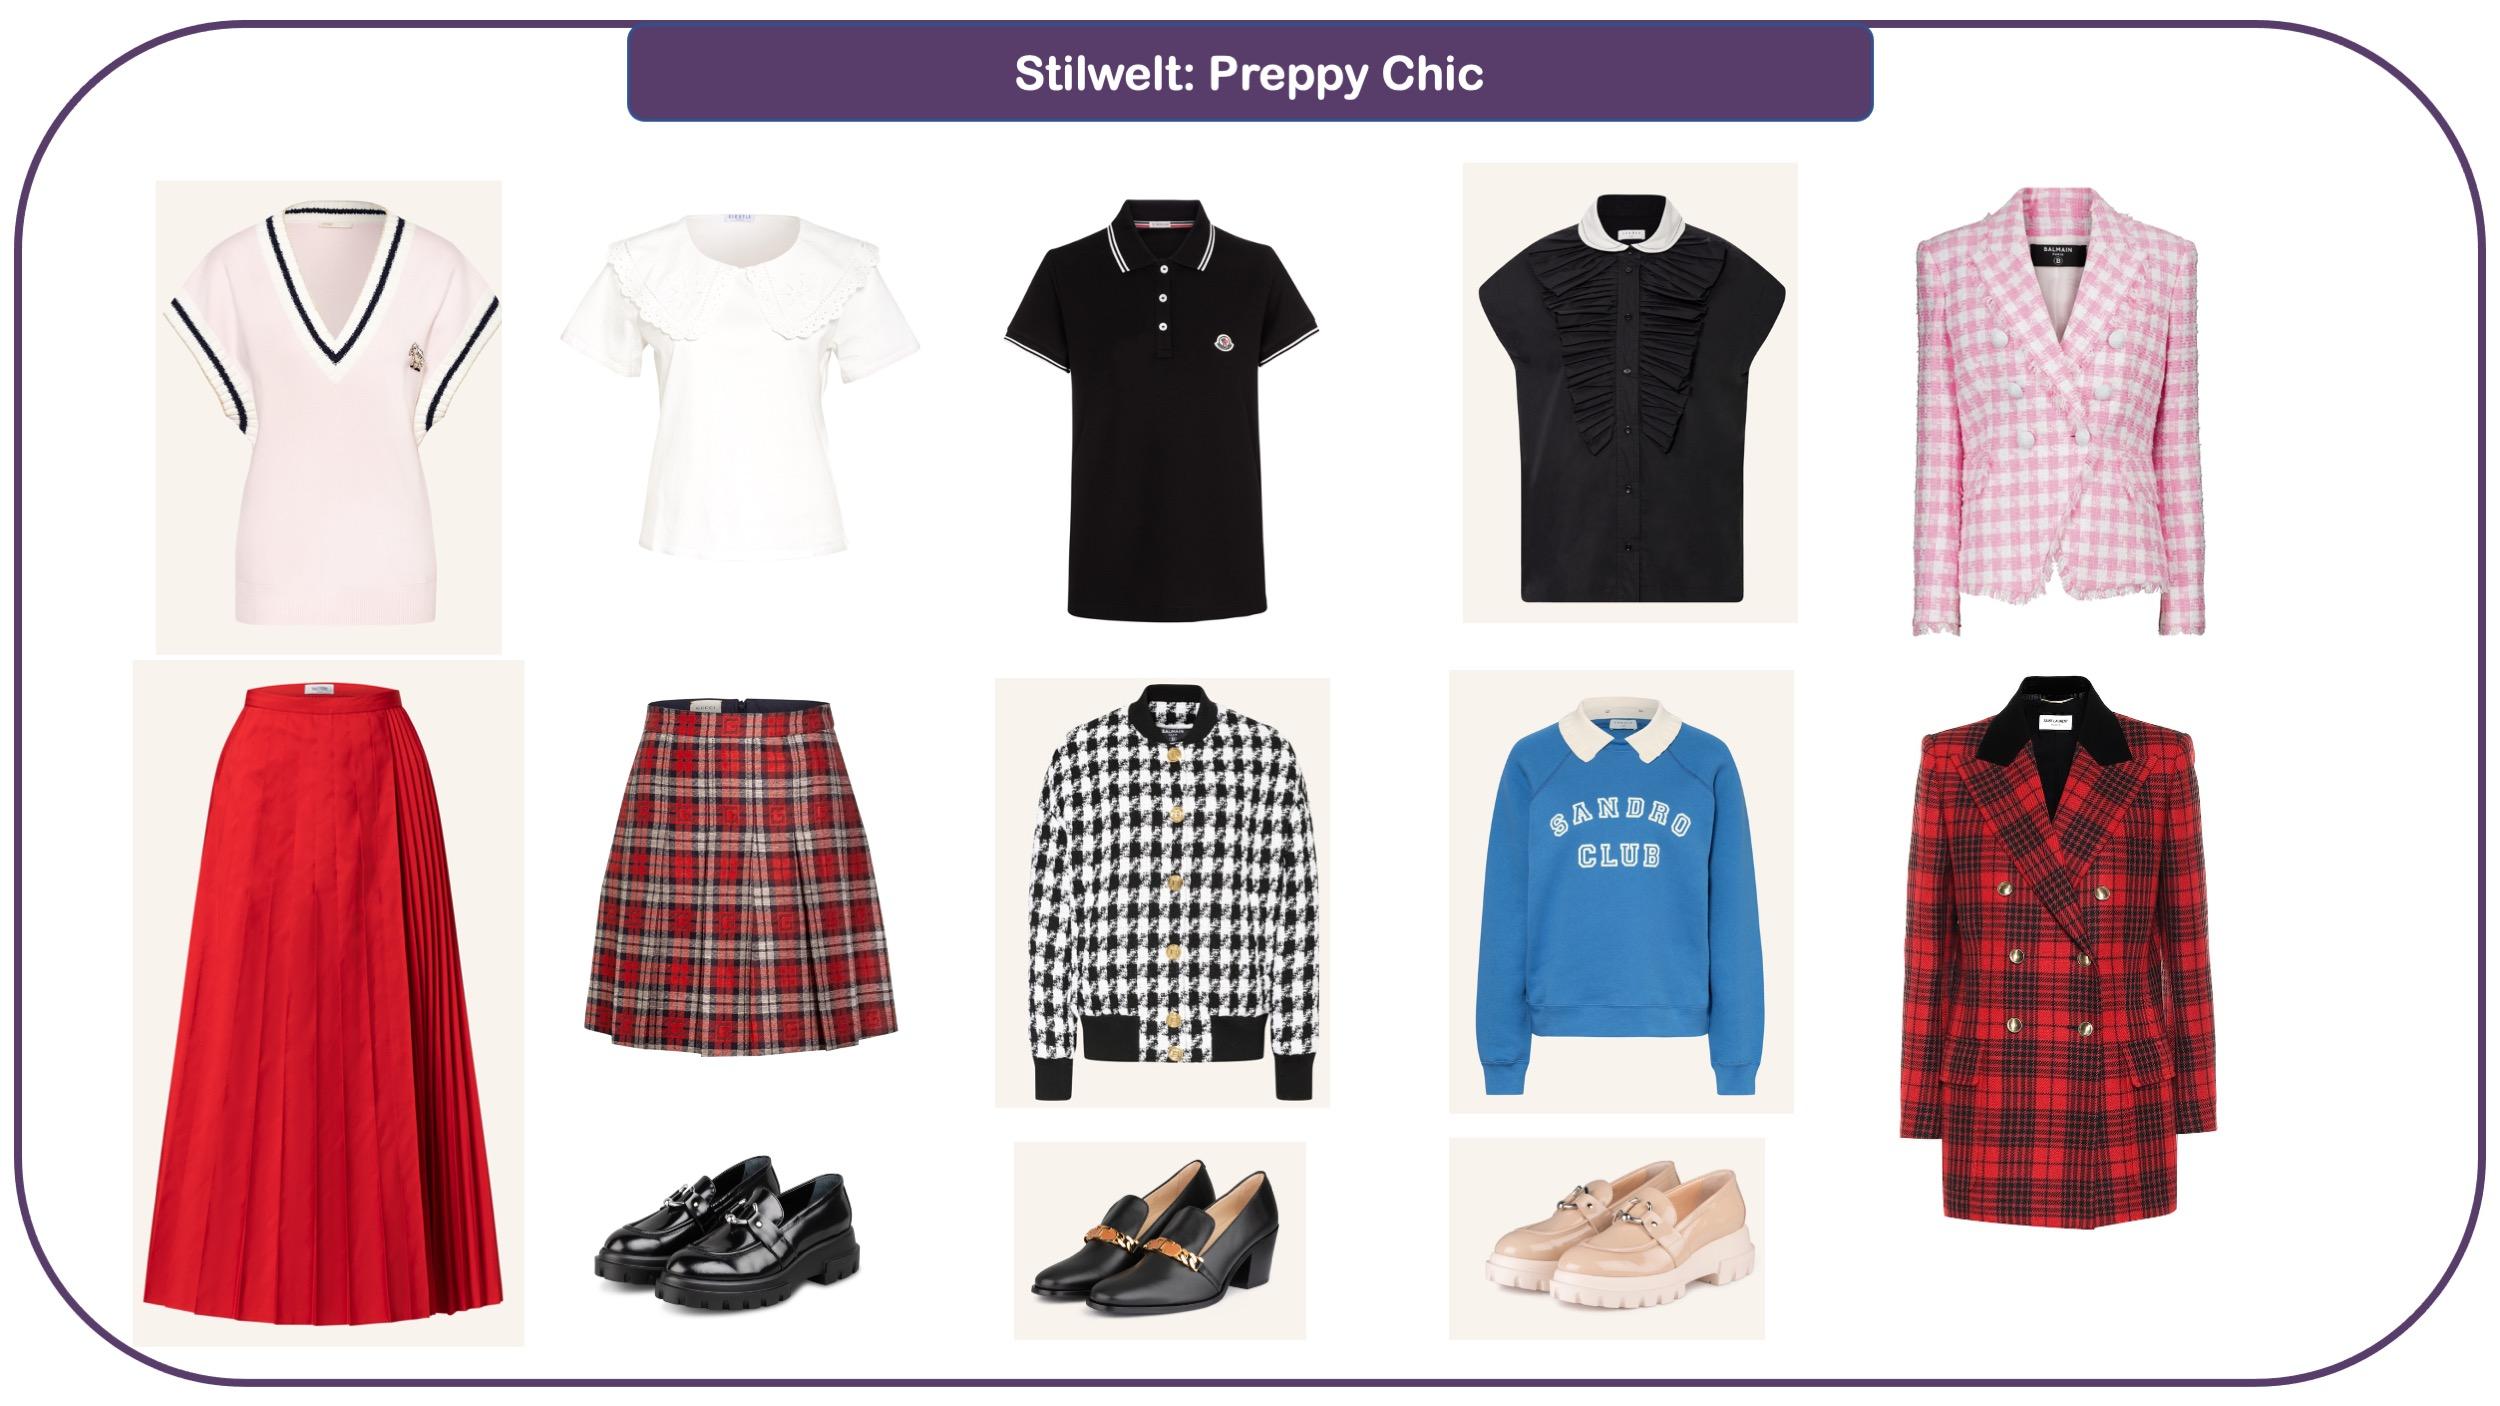 Modetrends für Herbst und Winter 2021/22 - Preppy Chic